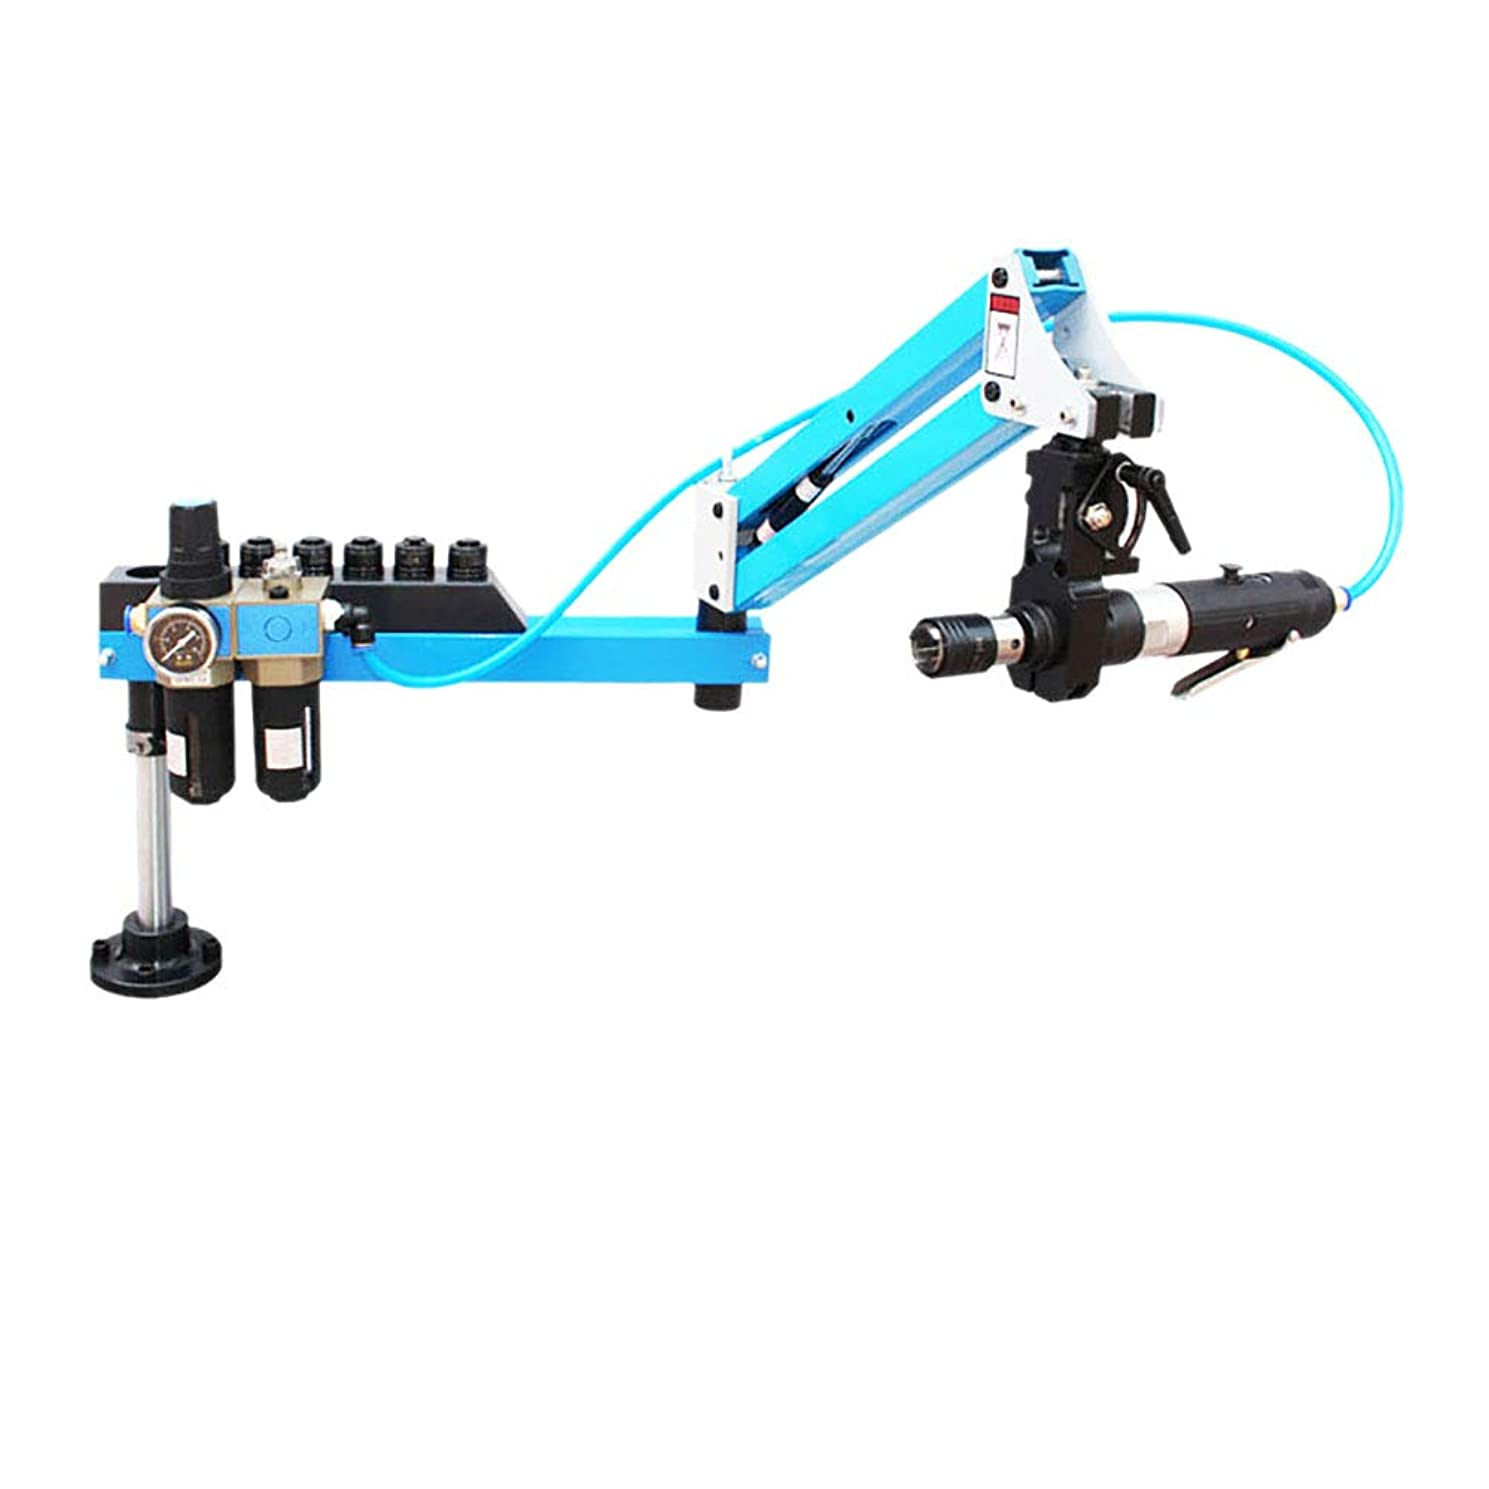 光の書士対象Pneumatic Air Tapping Machine Drilling Machine Universal Type 360 Degrees Angle M3-M12 Working Radius 39.37inch